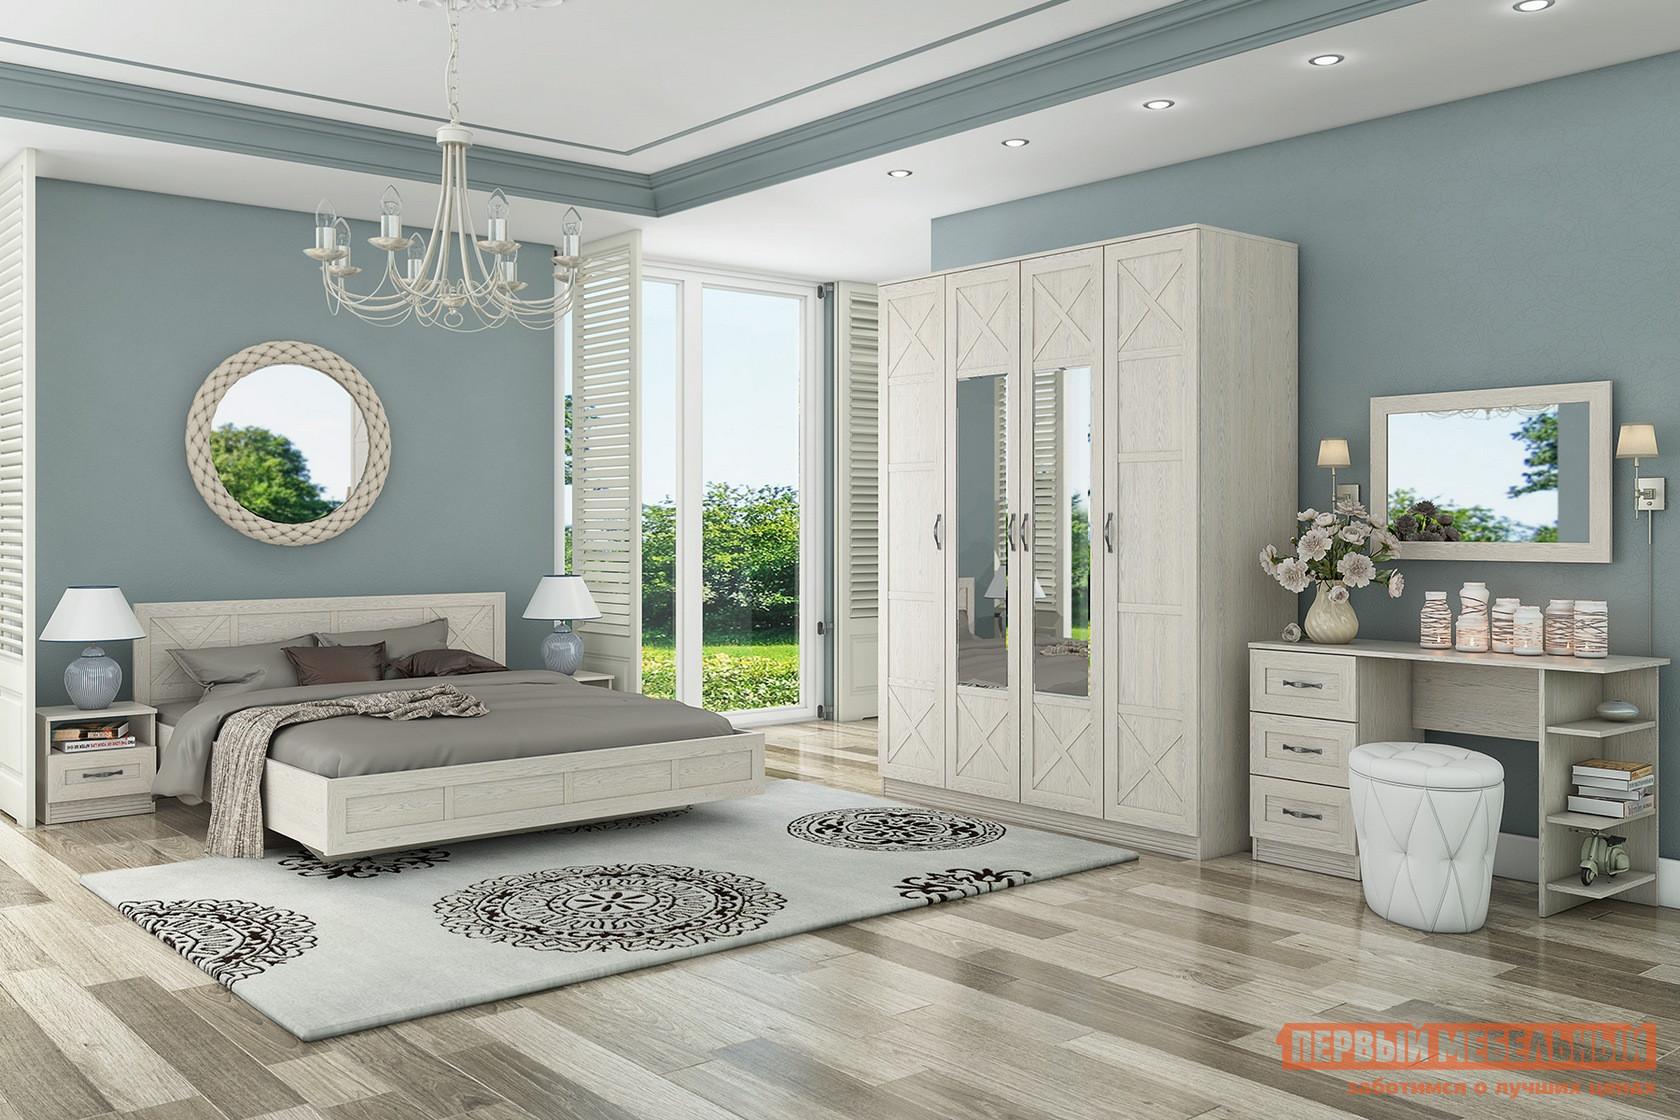 Спальный гарнитур СтолЛайн Лозанна К1 спальный гарнитур нк мебель марика к1